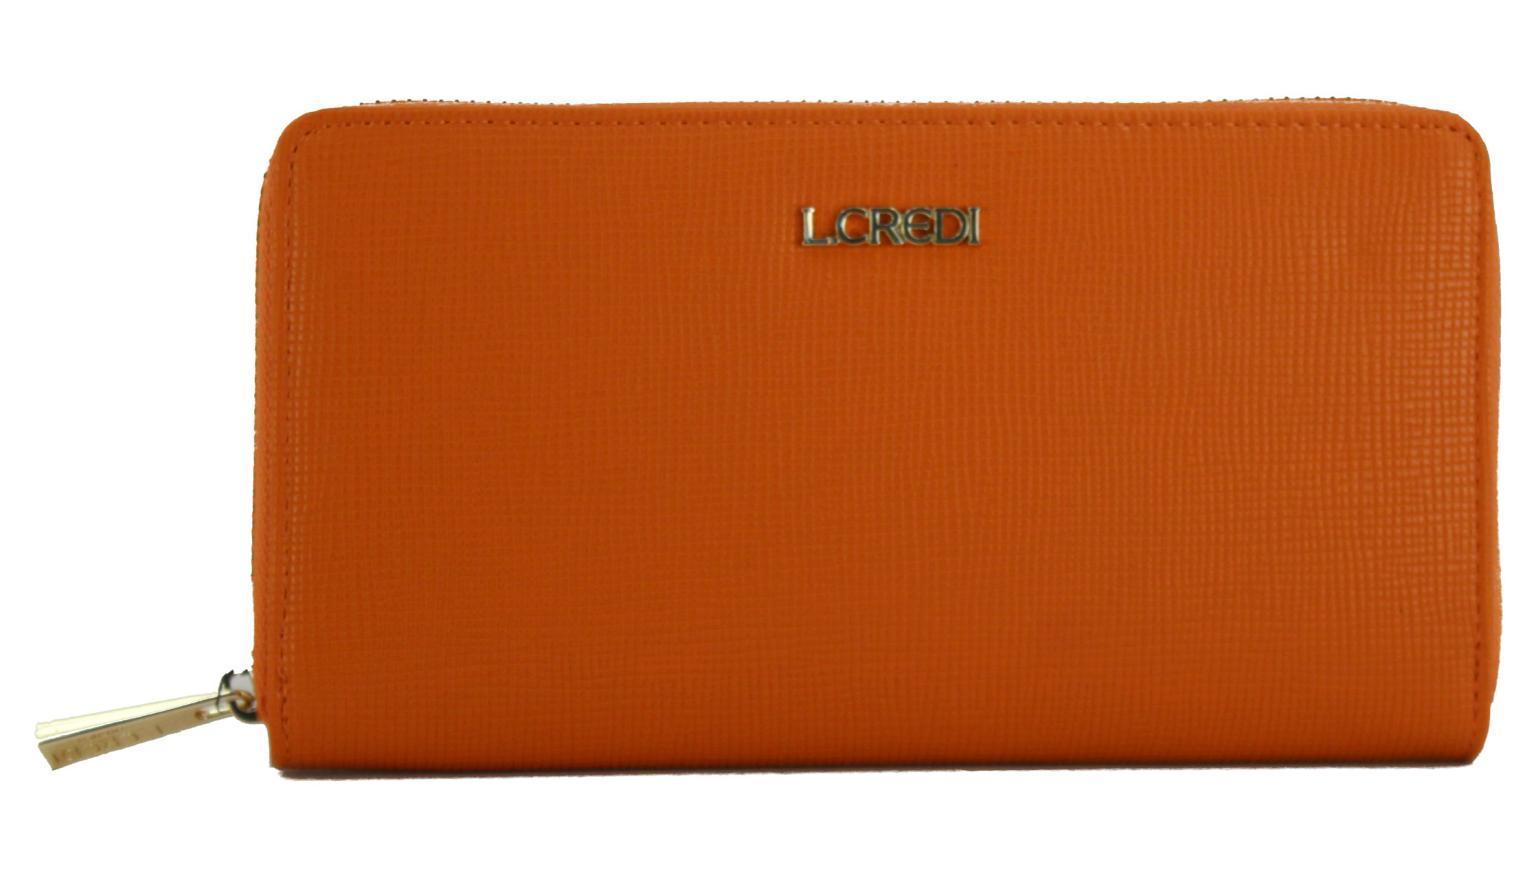 Langbörse L.Credi Munich Caledonia Ausleseschutz Orange